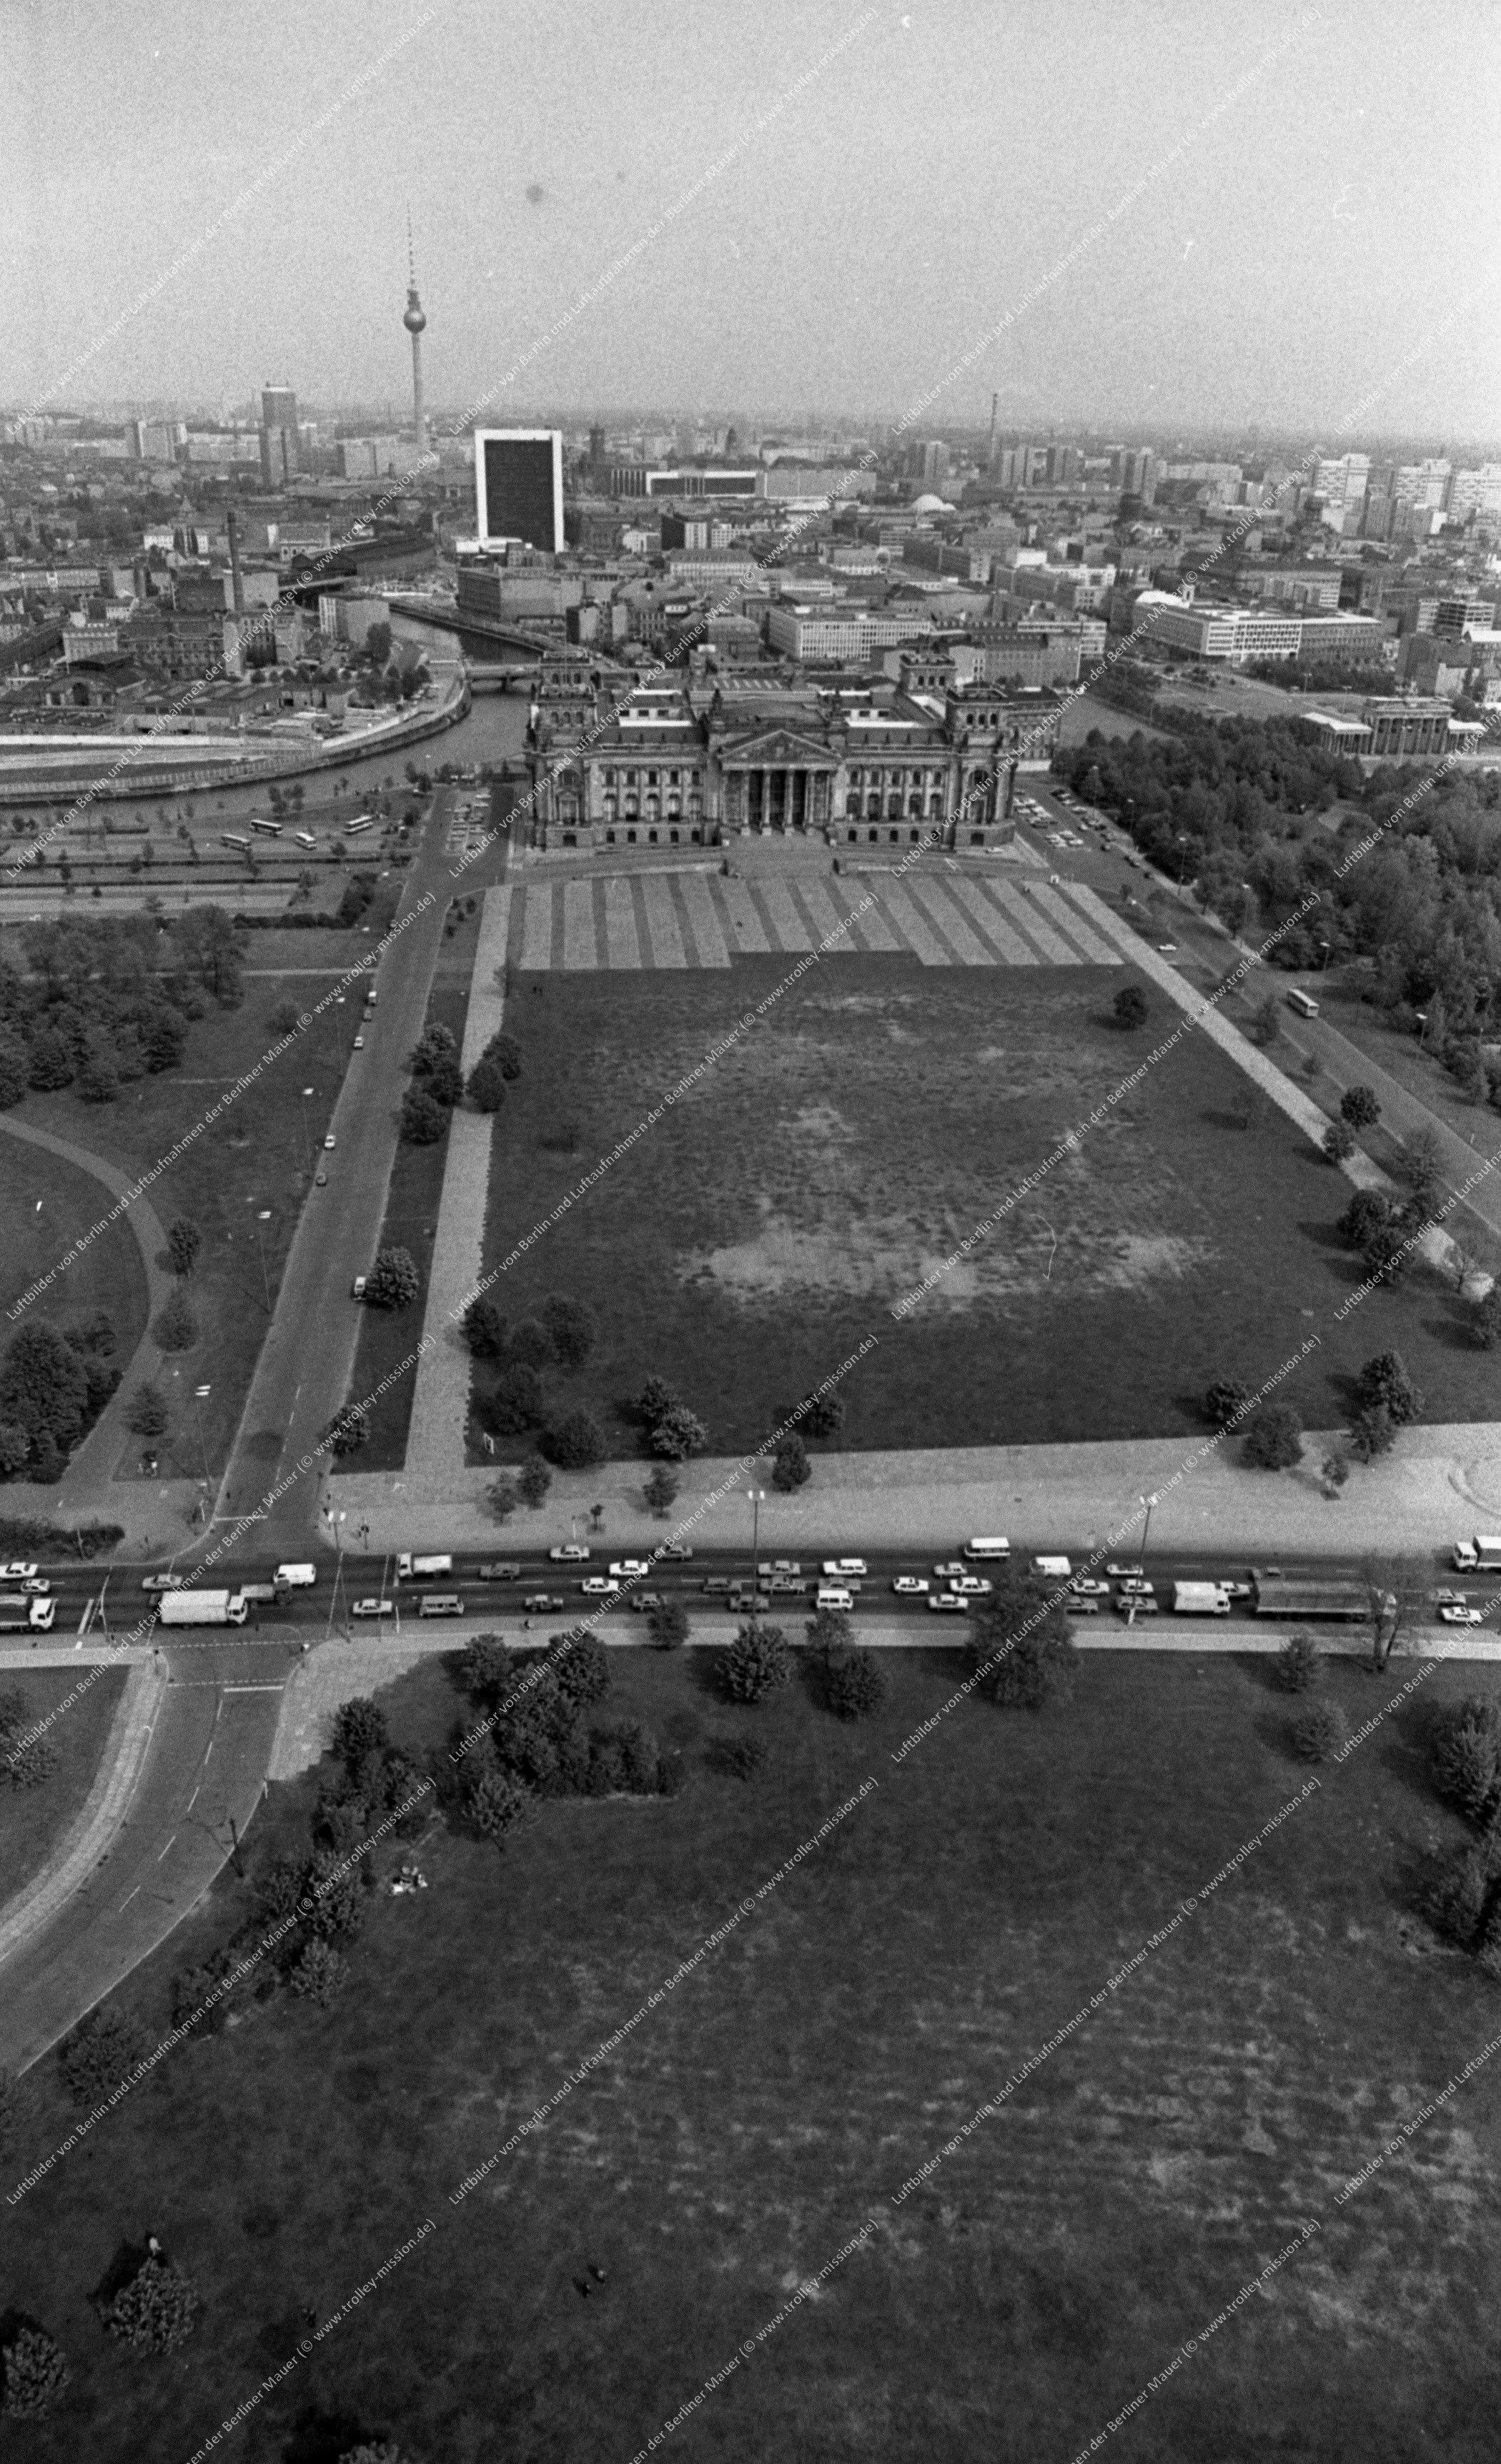 Berlin Luftbild Reichstag vom 12. Mai 1982 (Bild 073)